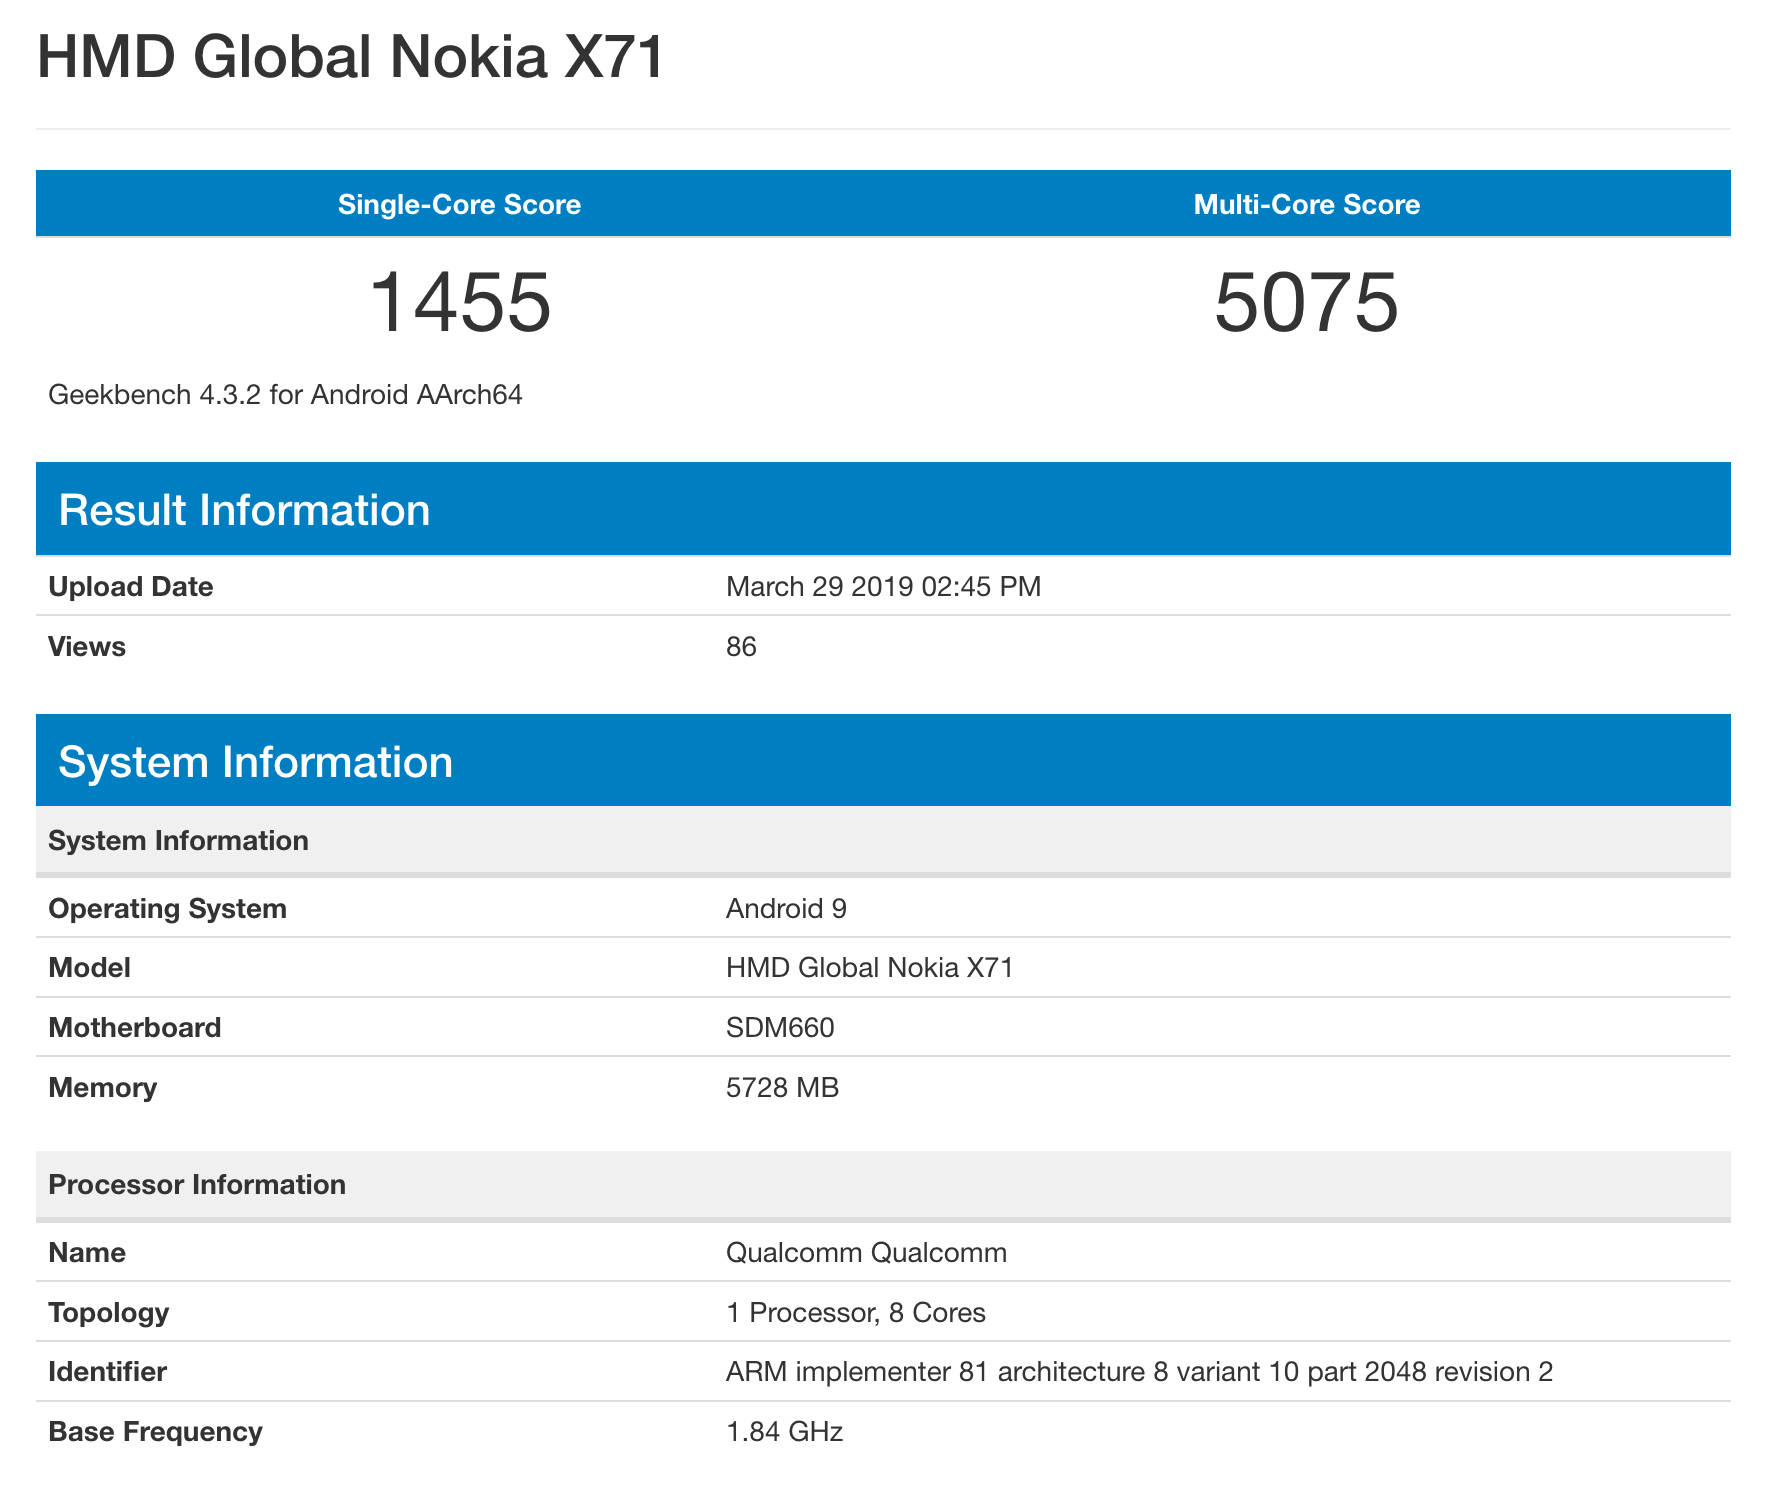 Nokia X71 Geekbench HMD GLobal kiedy premiera opinie specyfikacja techniczna gdzie kupić najtaniej w polsce